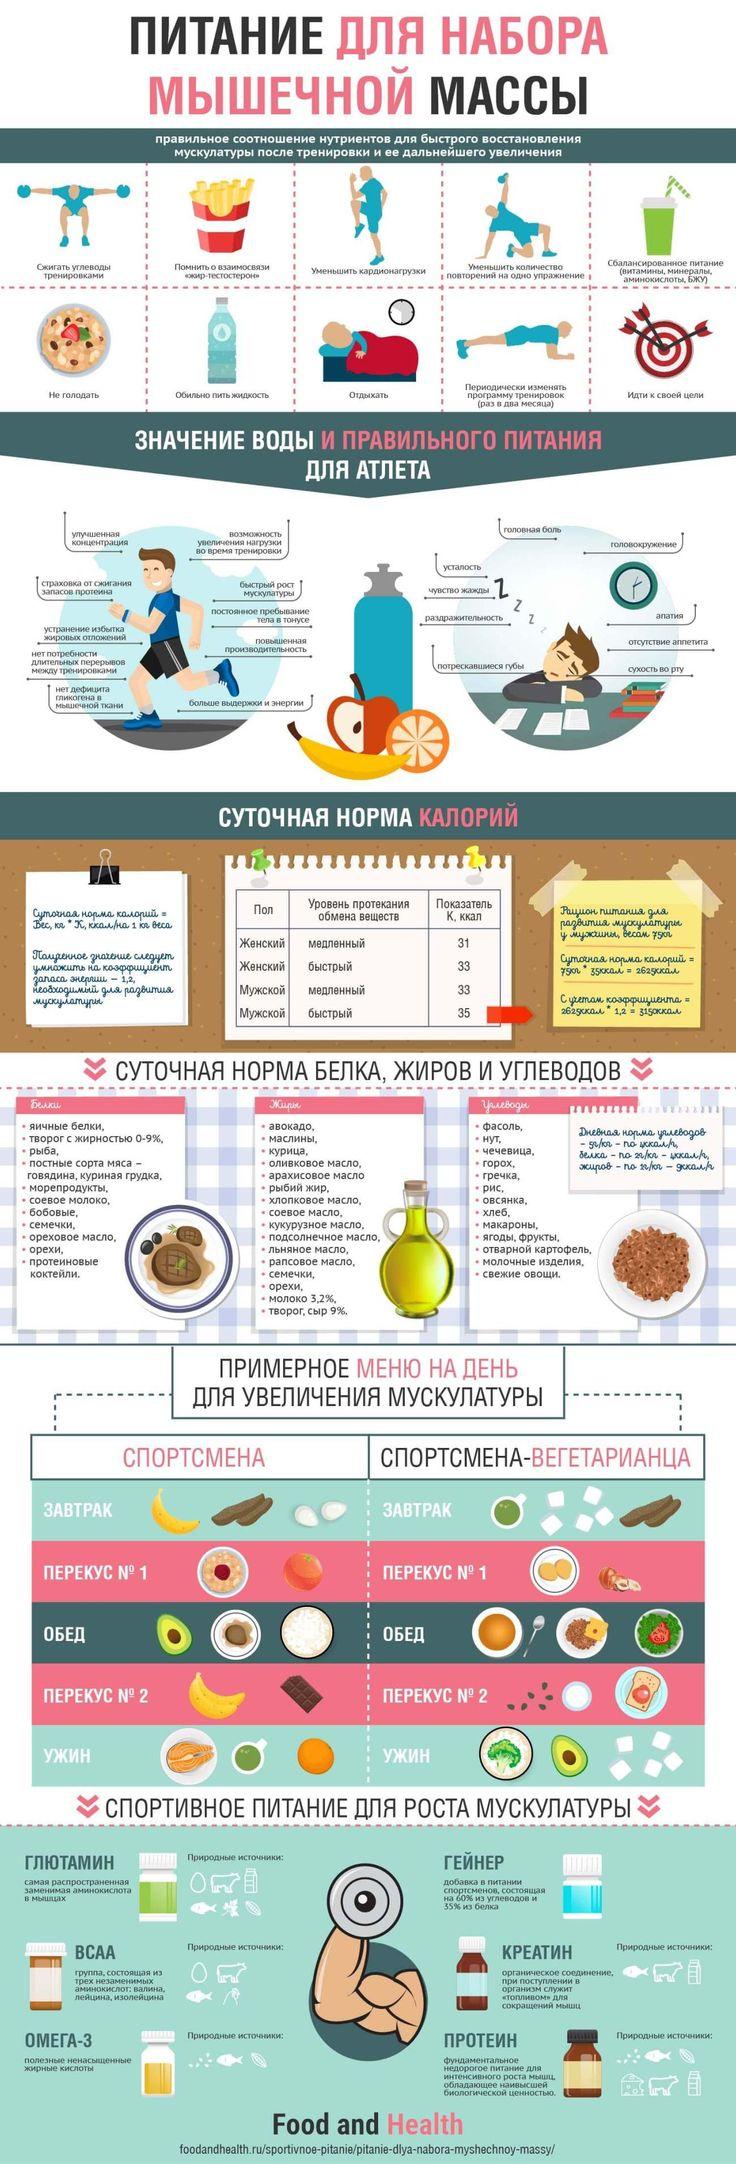 Правильное Питание Для Набора Мышечной Массы